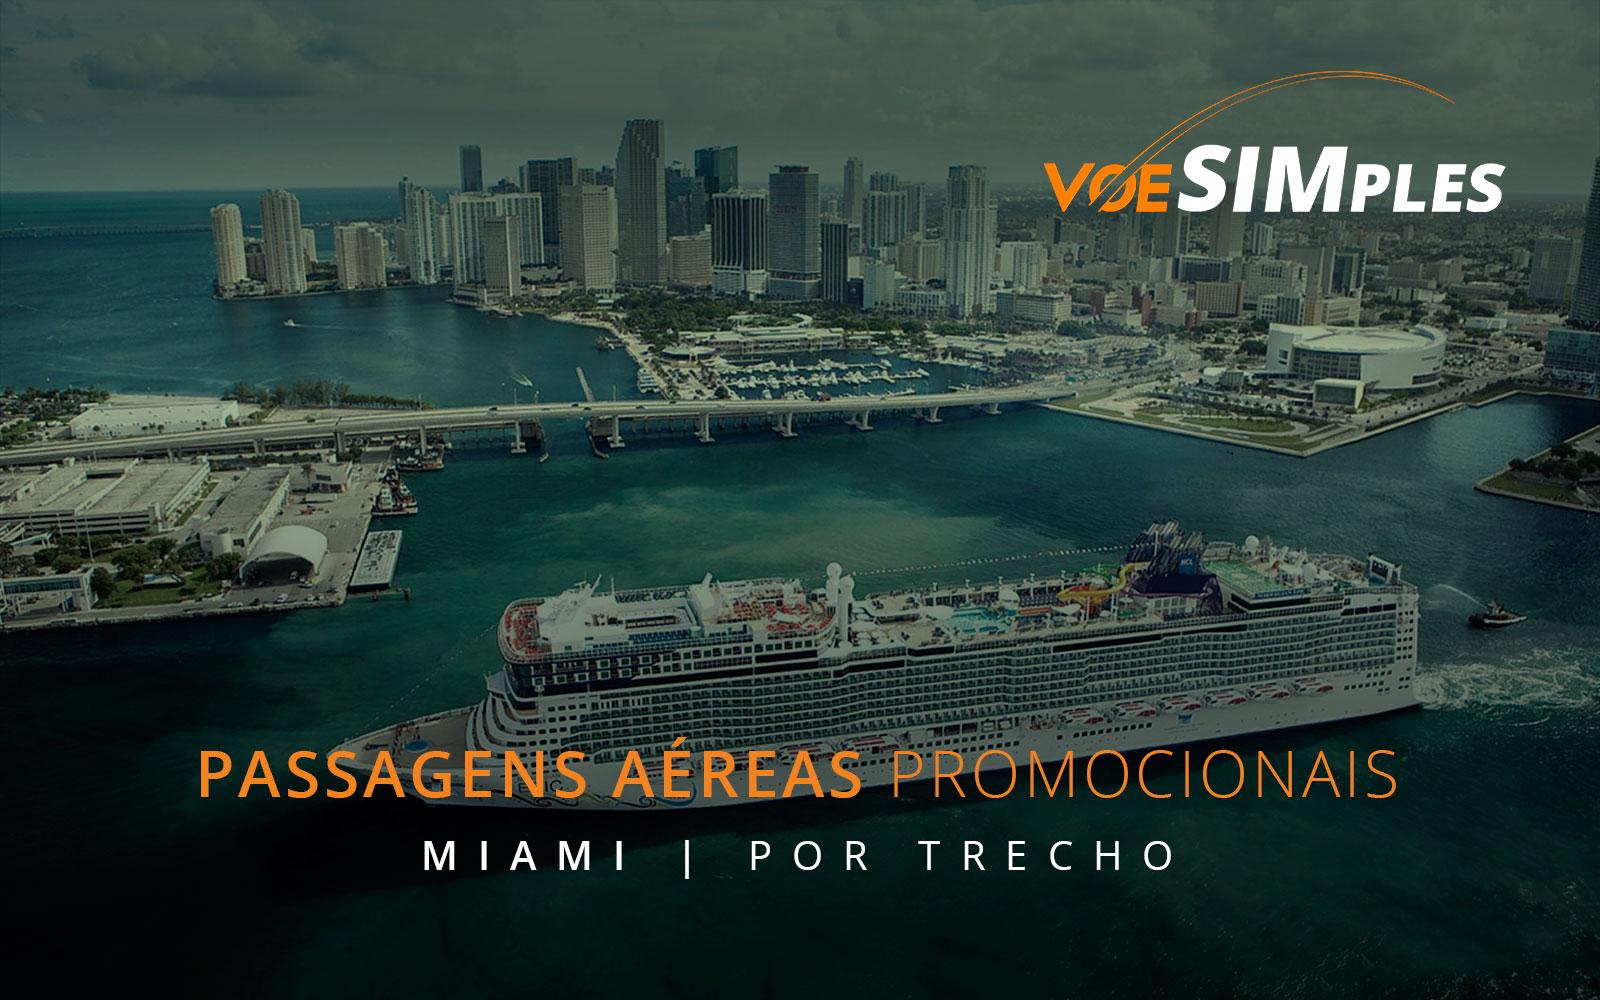 Passagens aéreas promocionais classe executiva para Miami